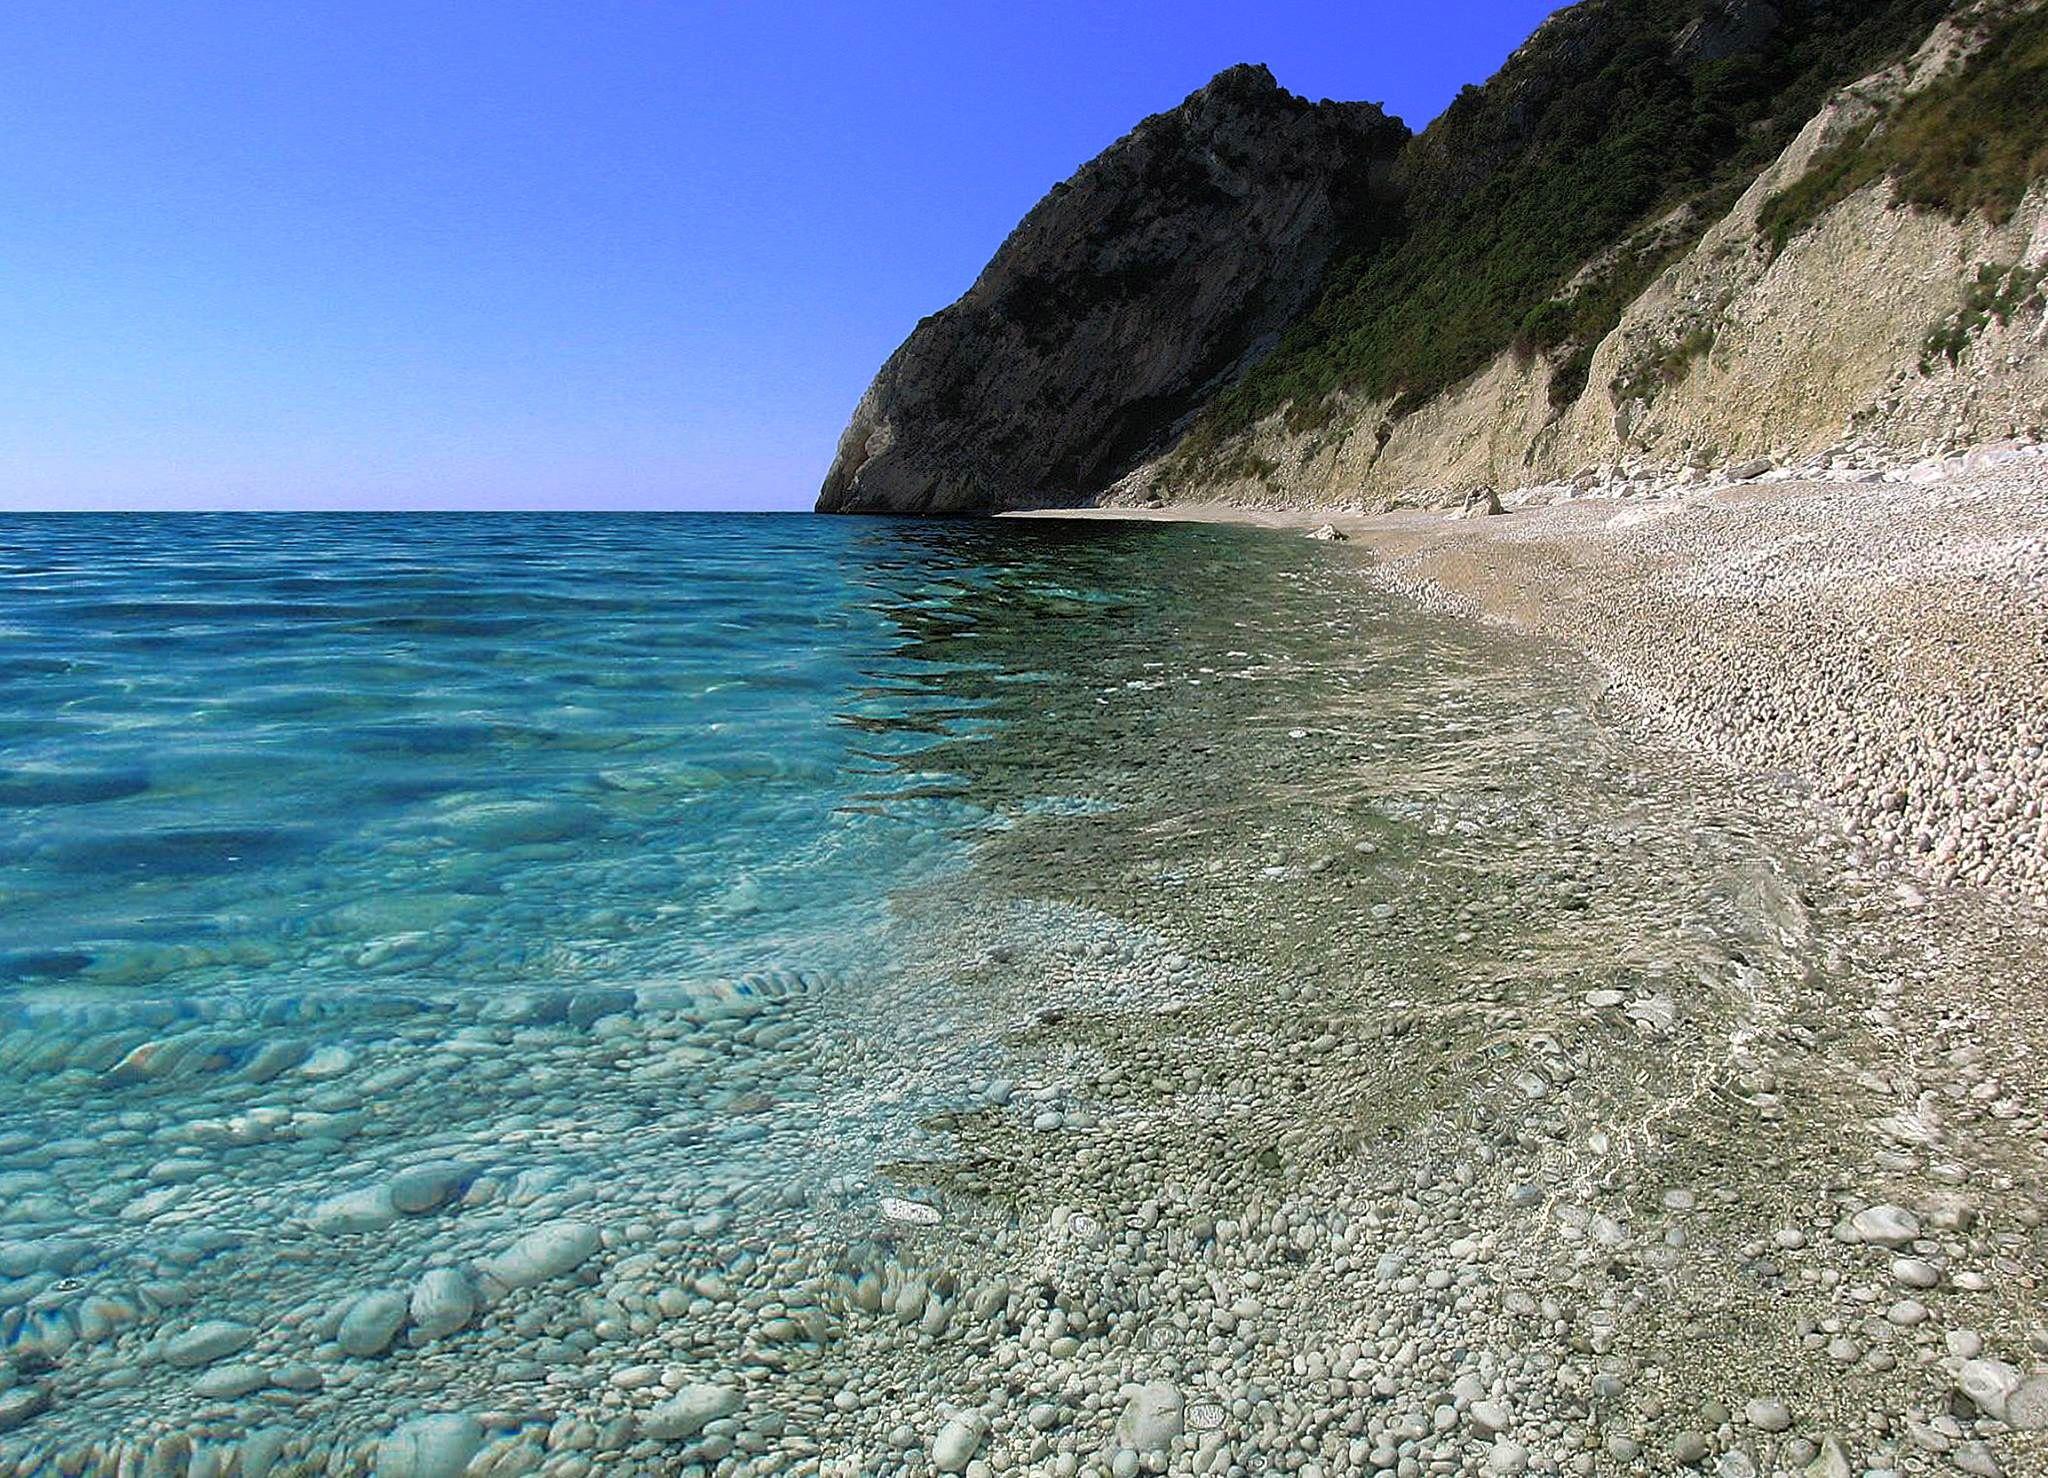 #sirolo #rivieradelconero #conero #italy #marche #tourism, riviera del conero  #beach  #mare #vacanze   photo@LuigiSimboli